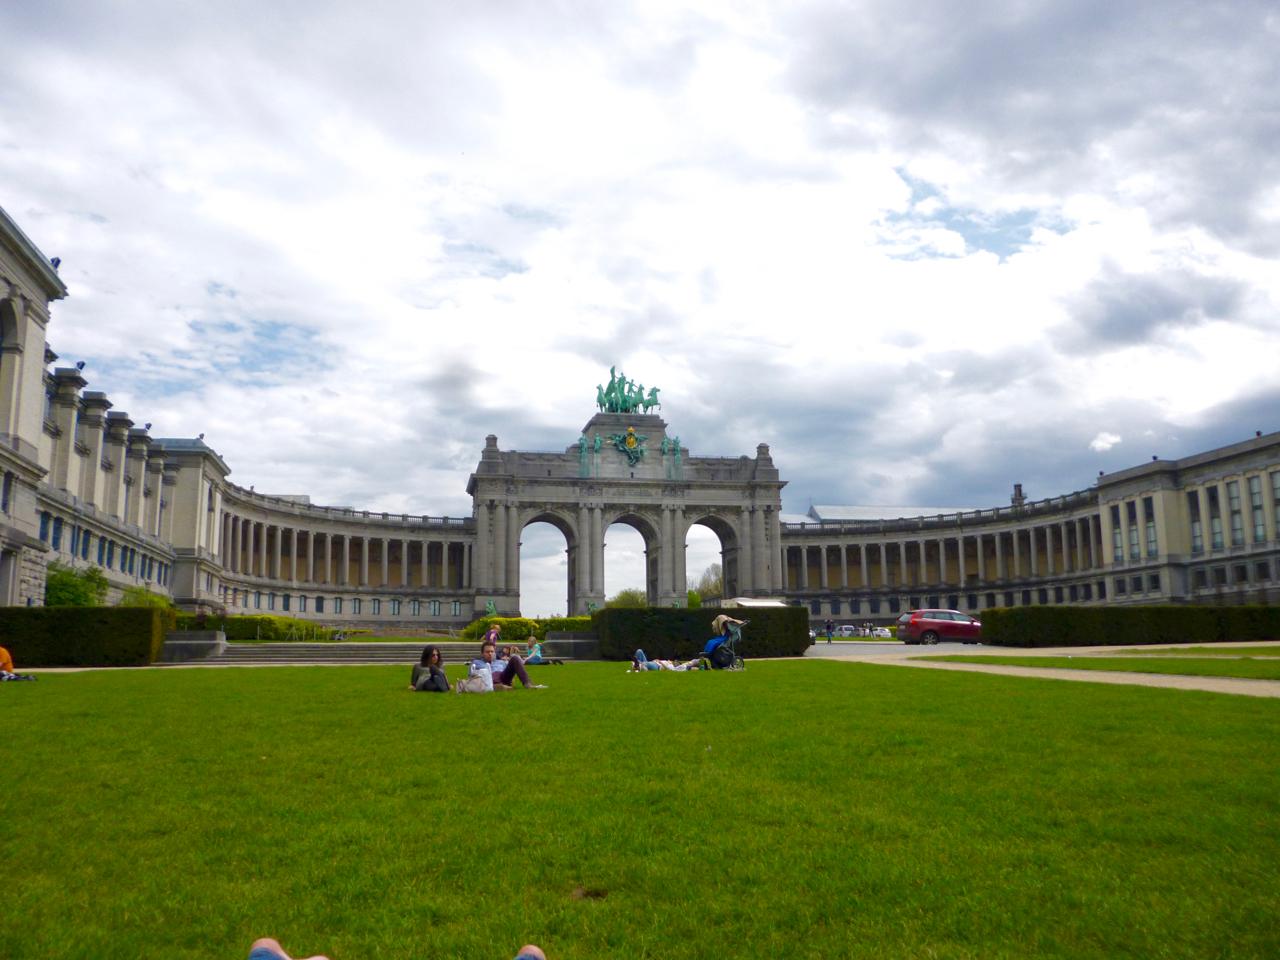 Park du Cinquantenaire Brussels, Belgium